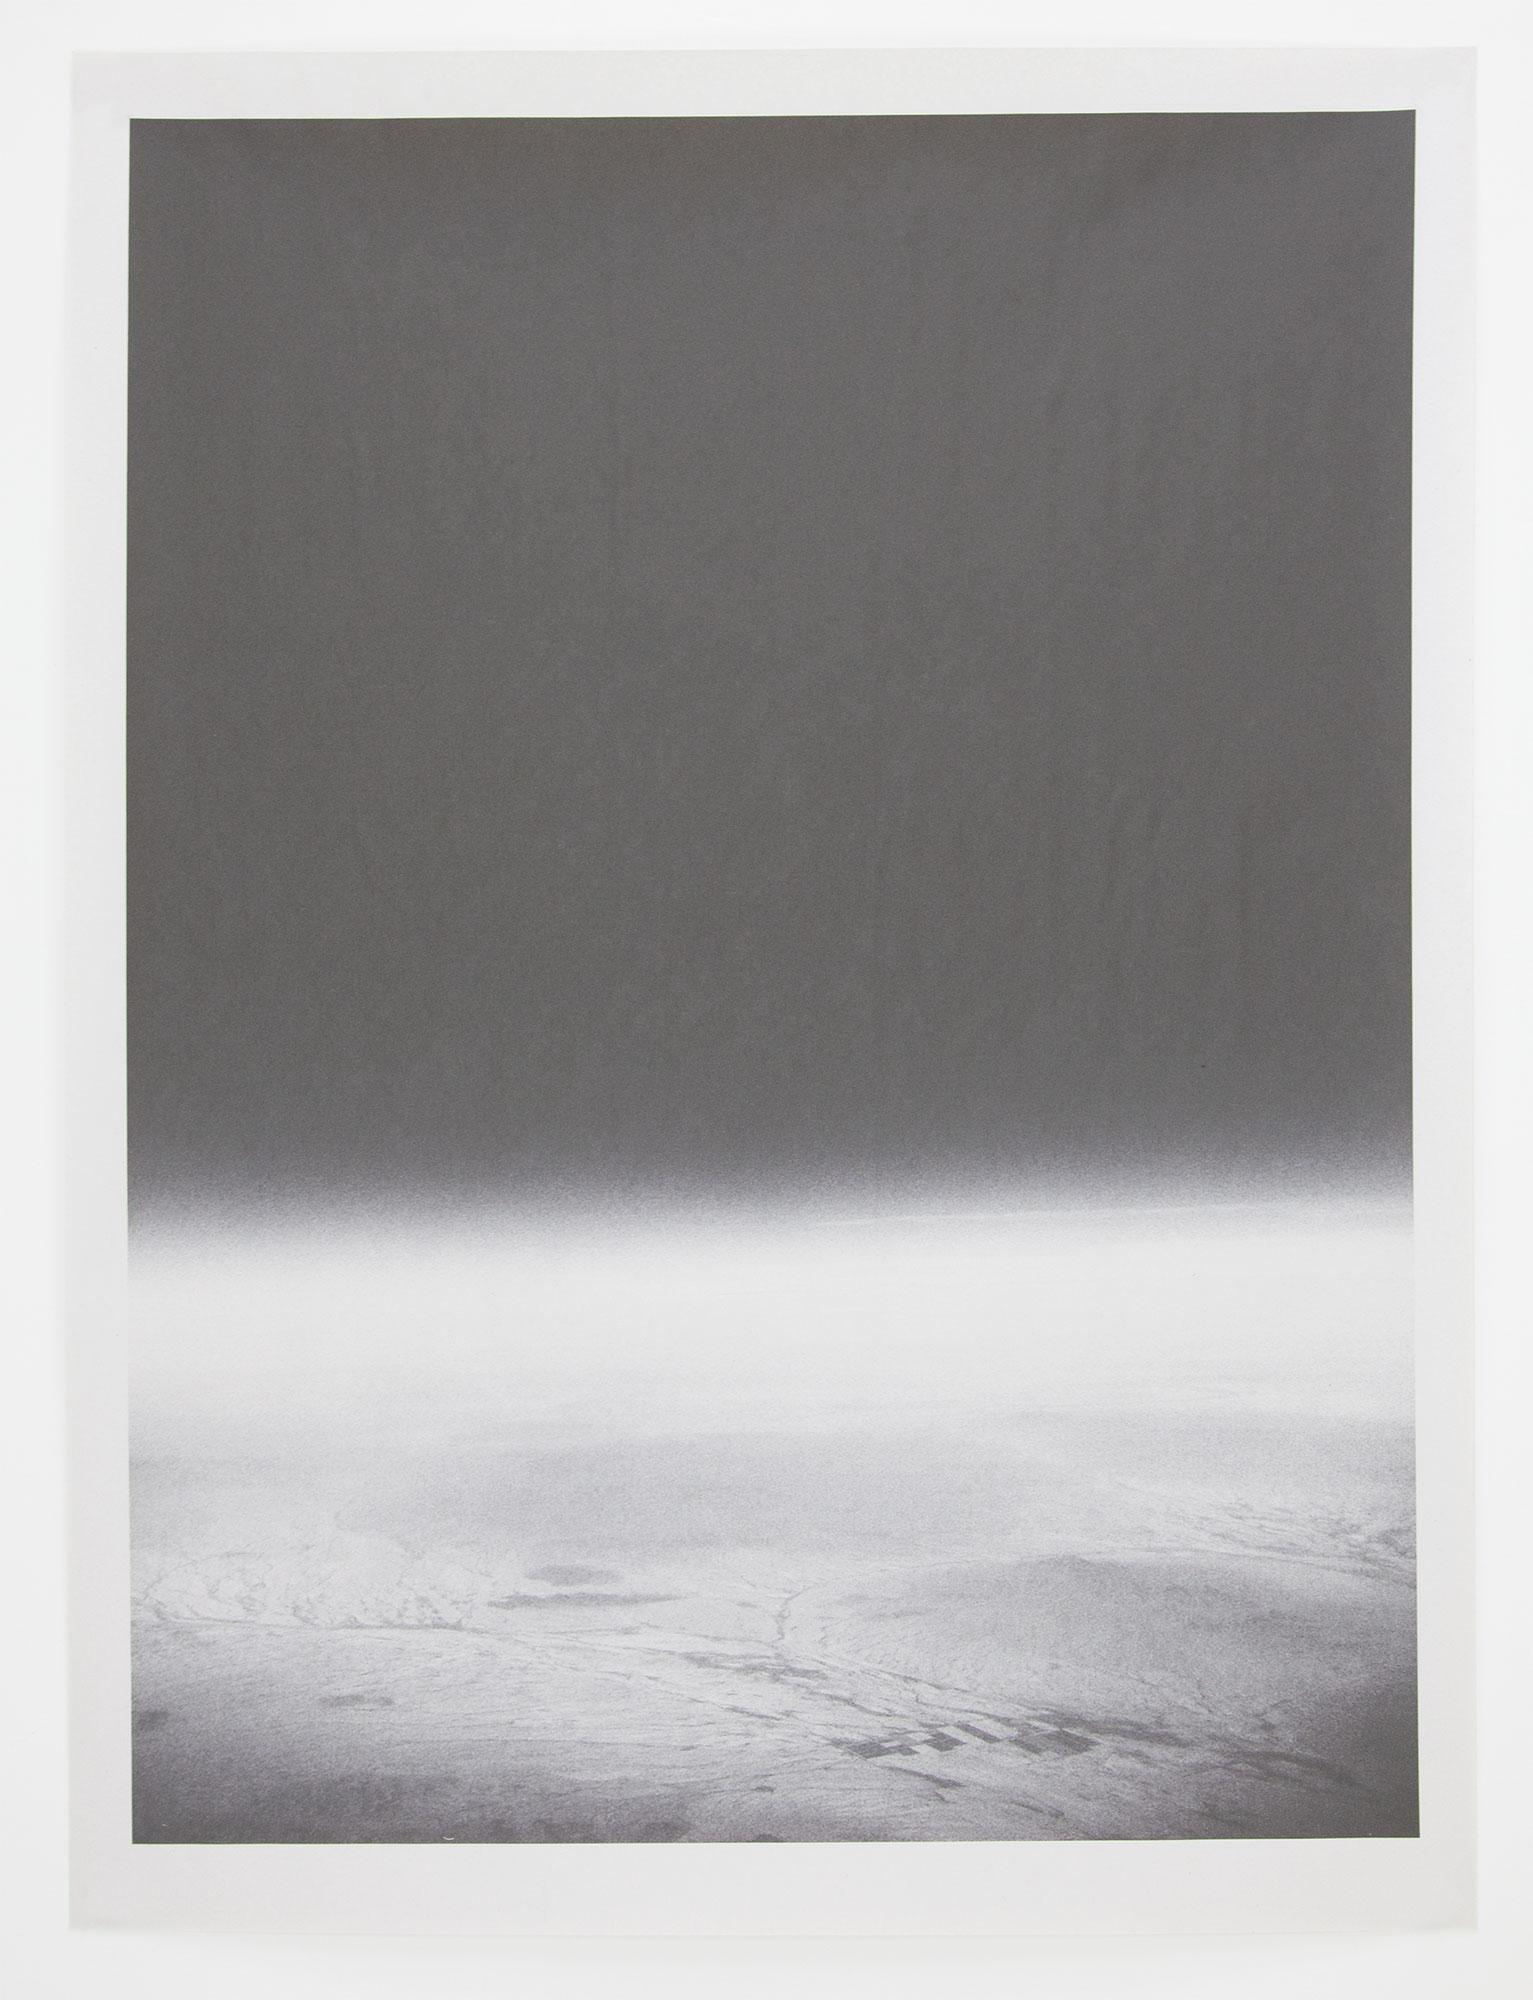 AZ_1166 , unique pigment print on newsprint, 18 x 24 inches, 2015